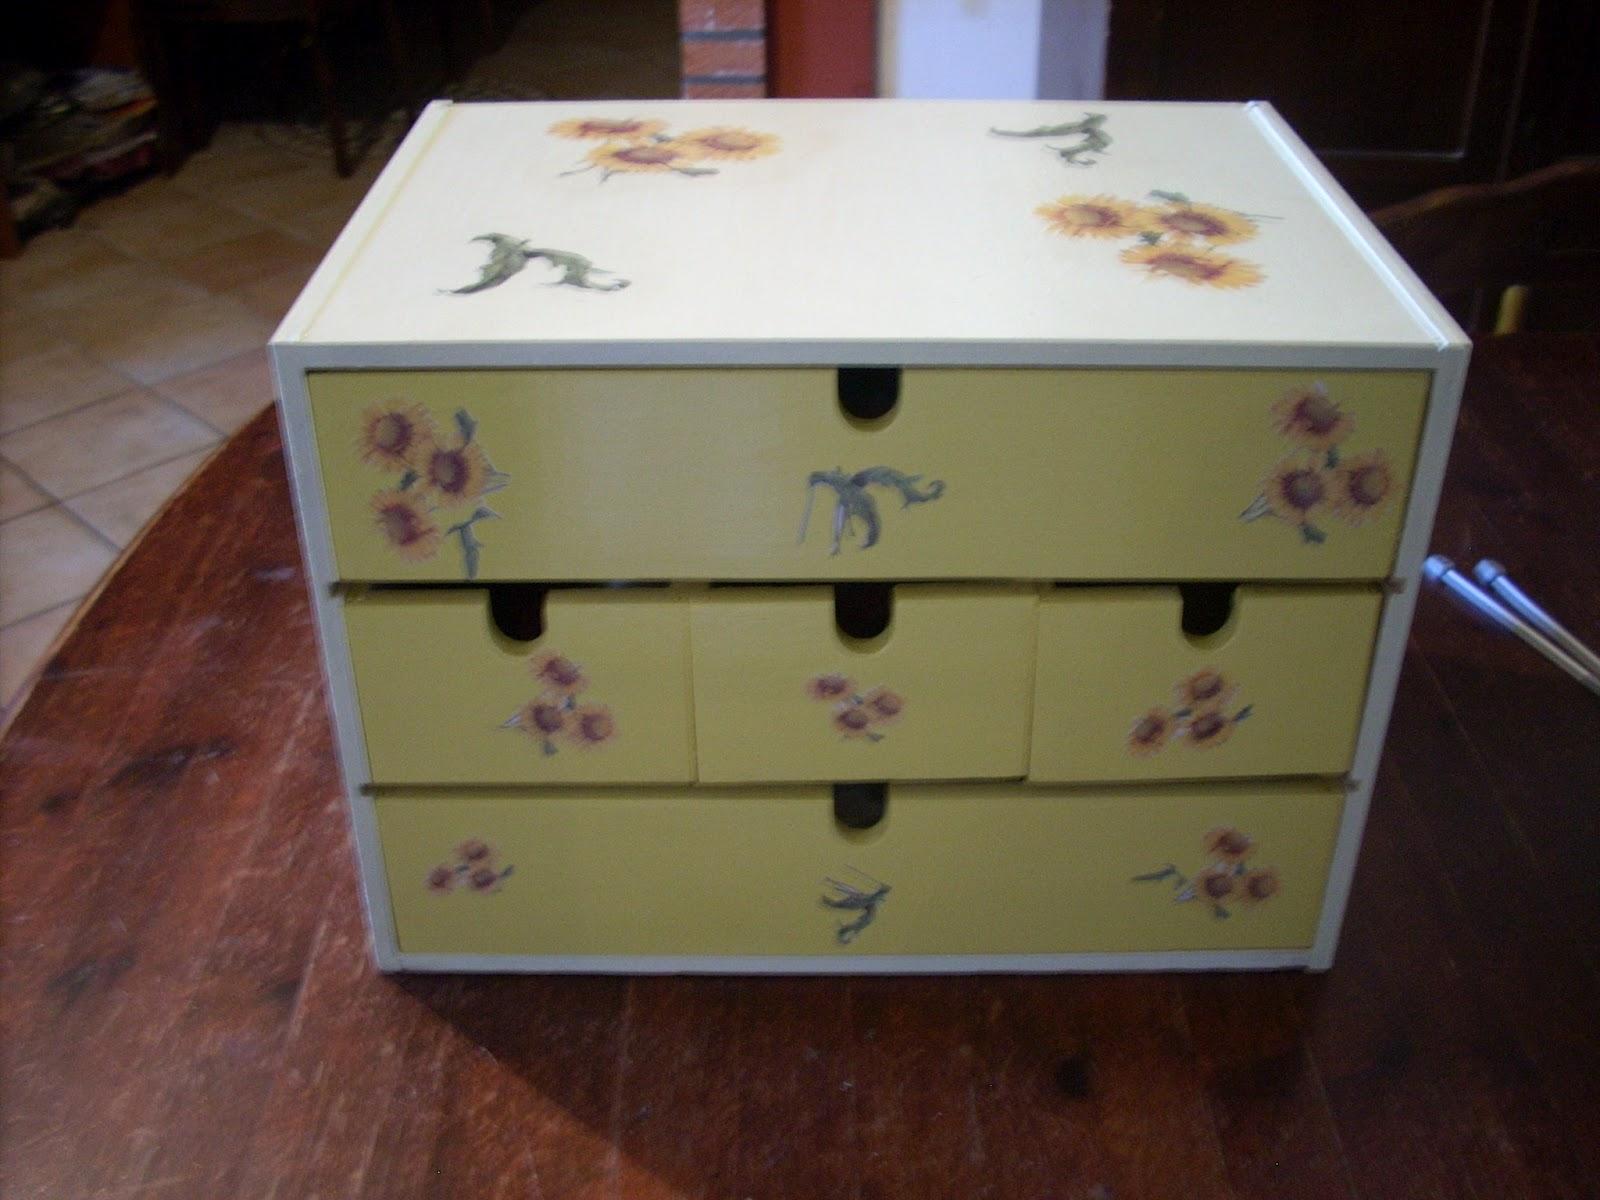 cassettiera malm cassetti: cassettiere ikea per interno armadio ... - Rinnovare Cassettiera Malm